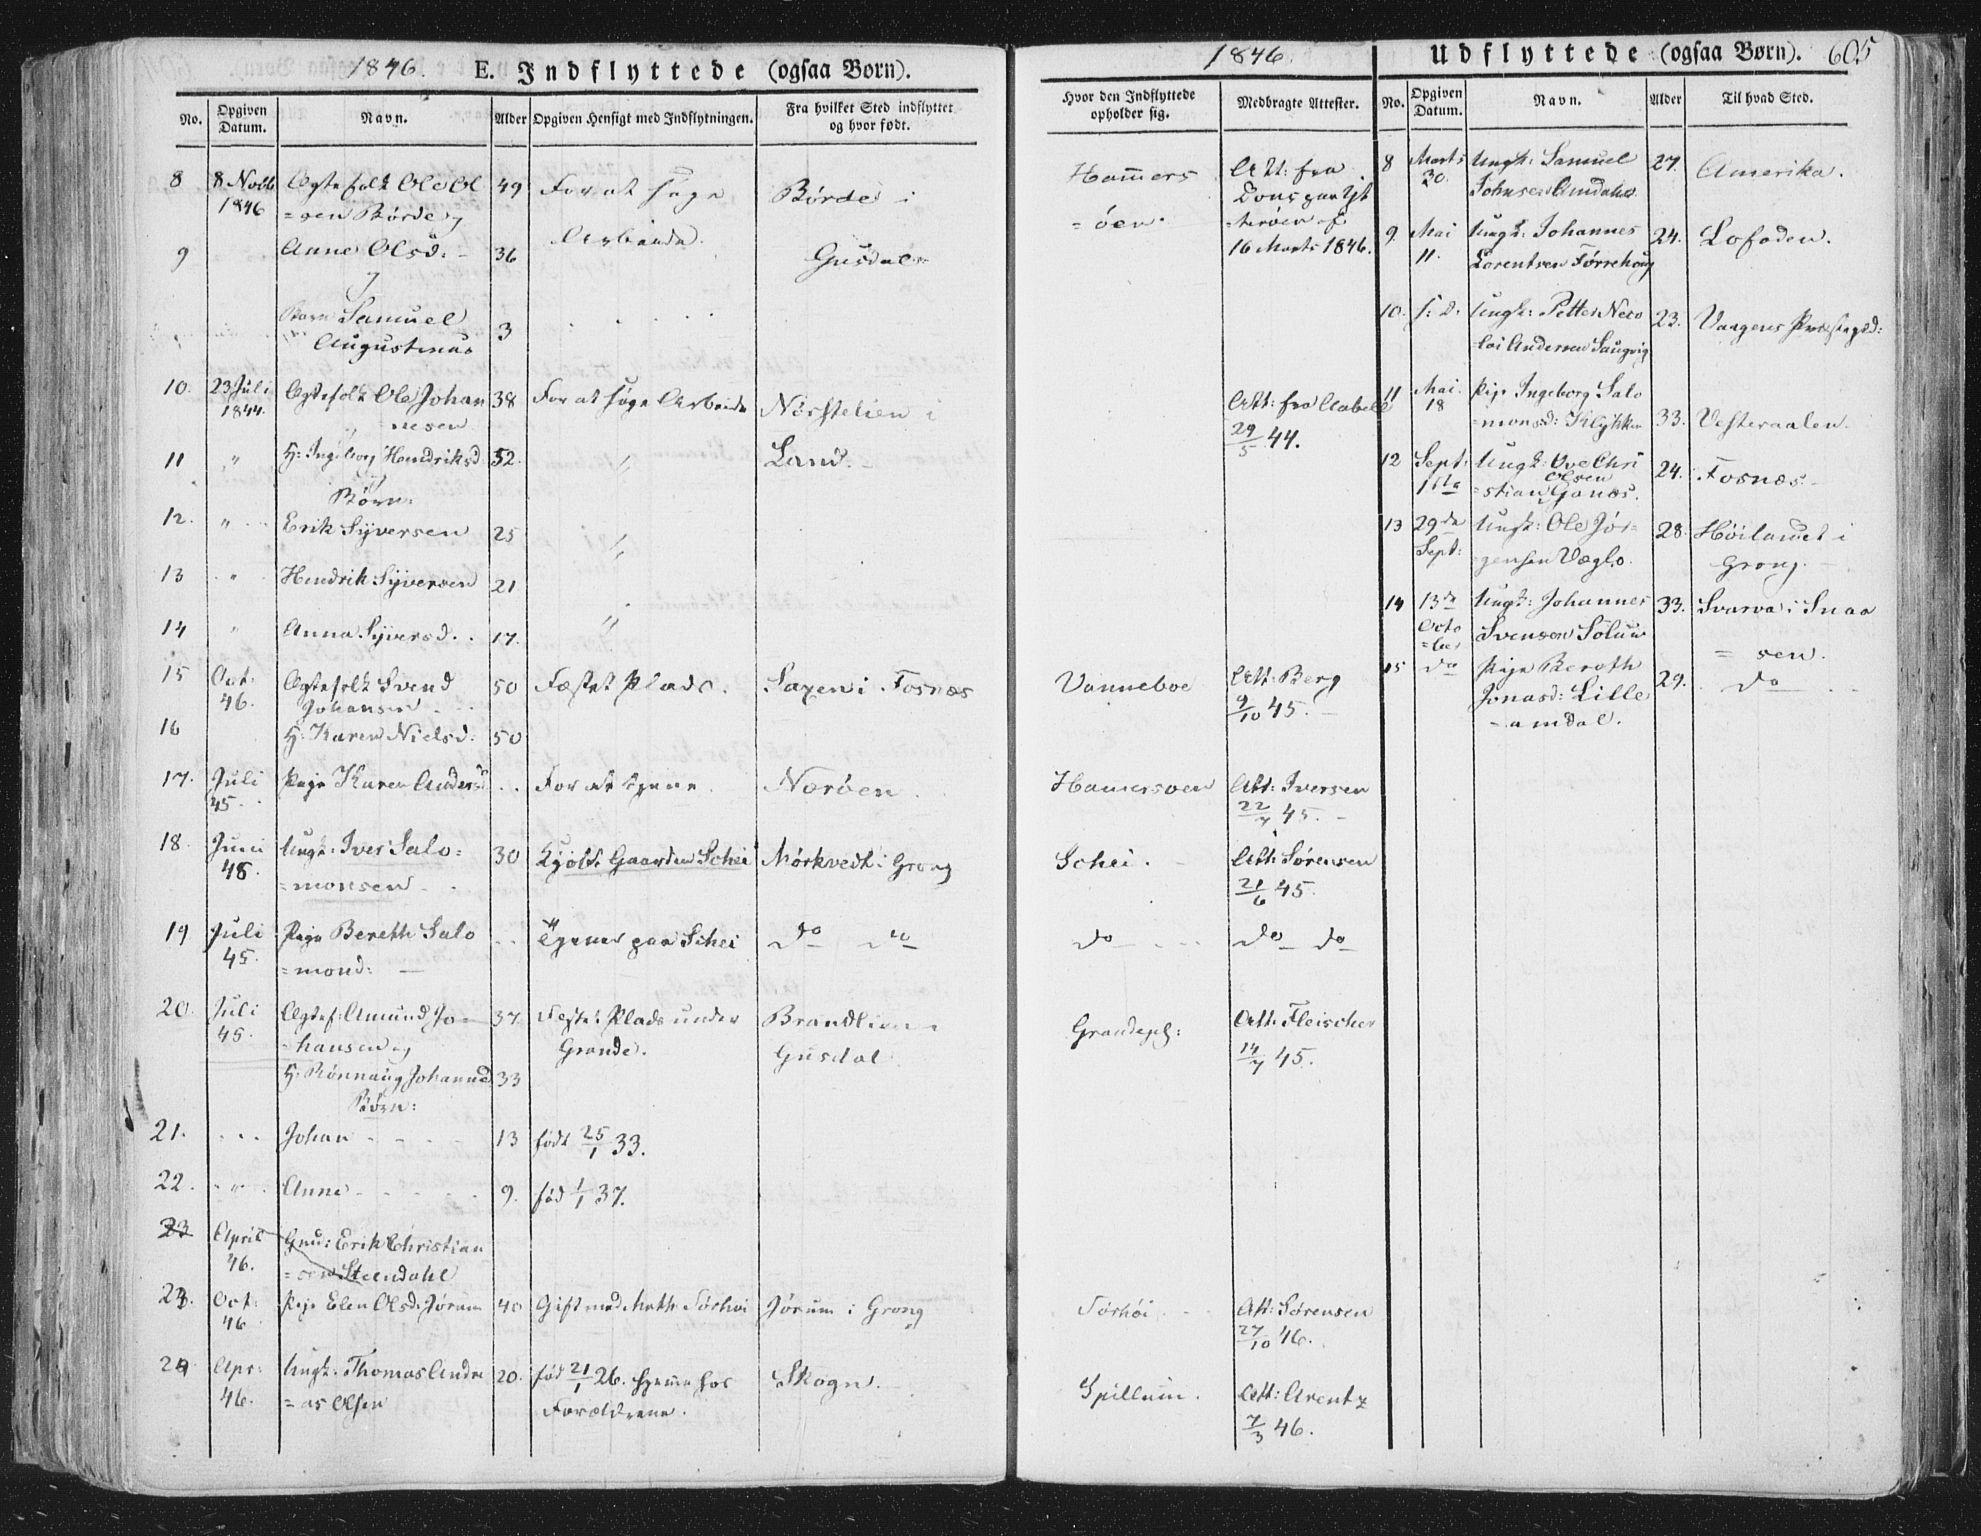 SAT, Ministerialprotokoller, klokkerbøker og fødselsregistre - Nord-Trøndelag, 764/L0552: Ministerialbok nr. 764A07b, 1824-1865, s. 605